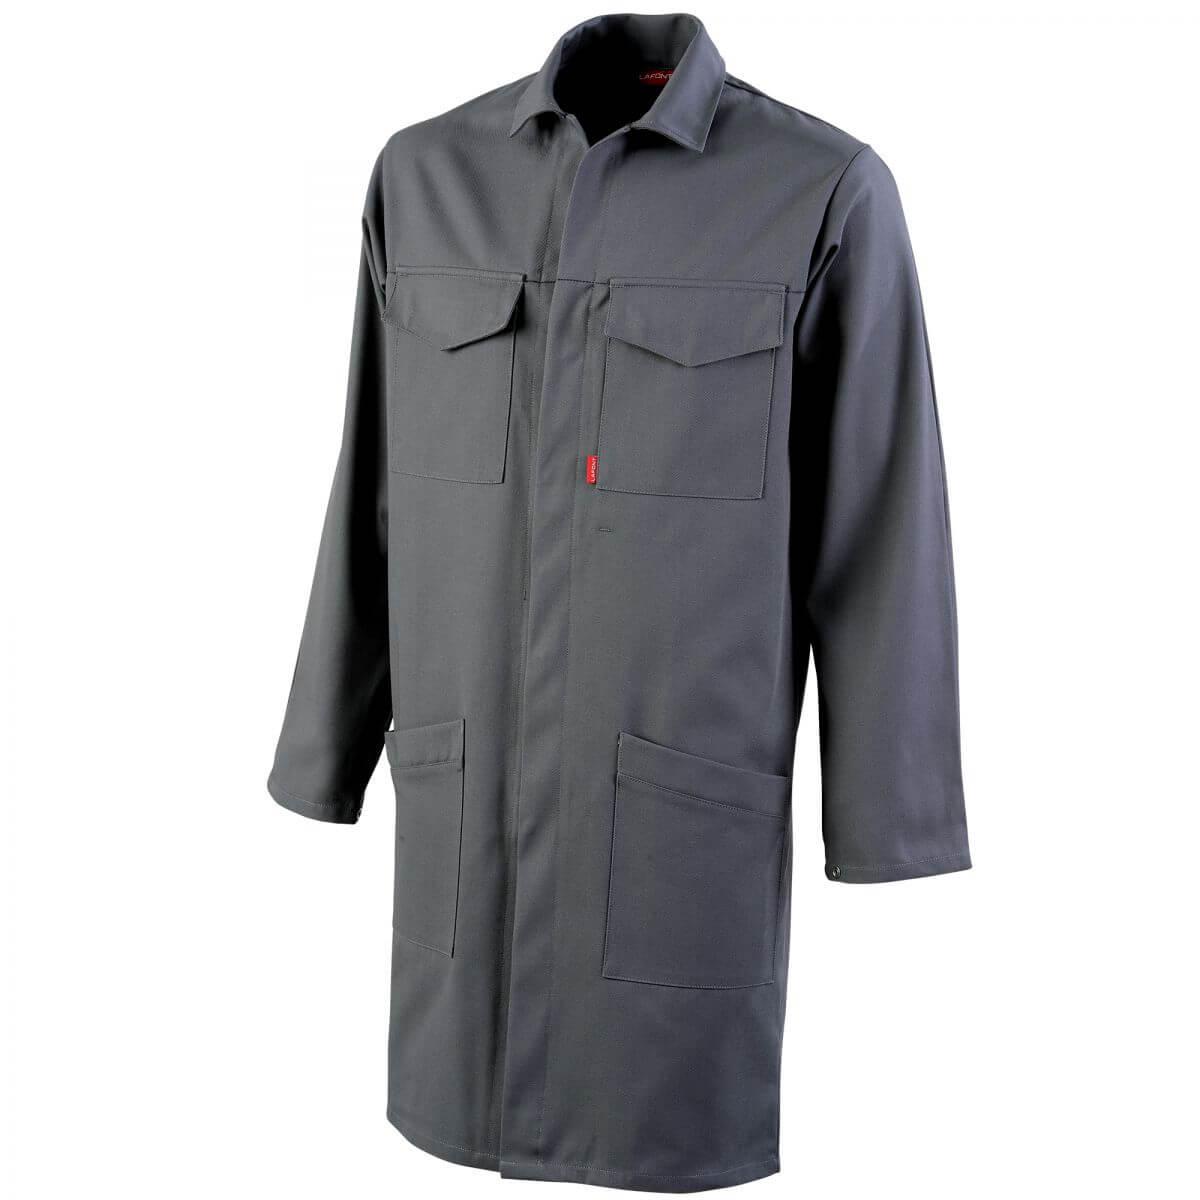 blouse de travail gris multipoches pour homme blouse de travail blouse de travail homme. Black Bedroom Furniture Sets. Home Design Ideas